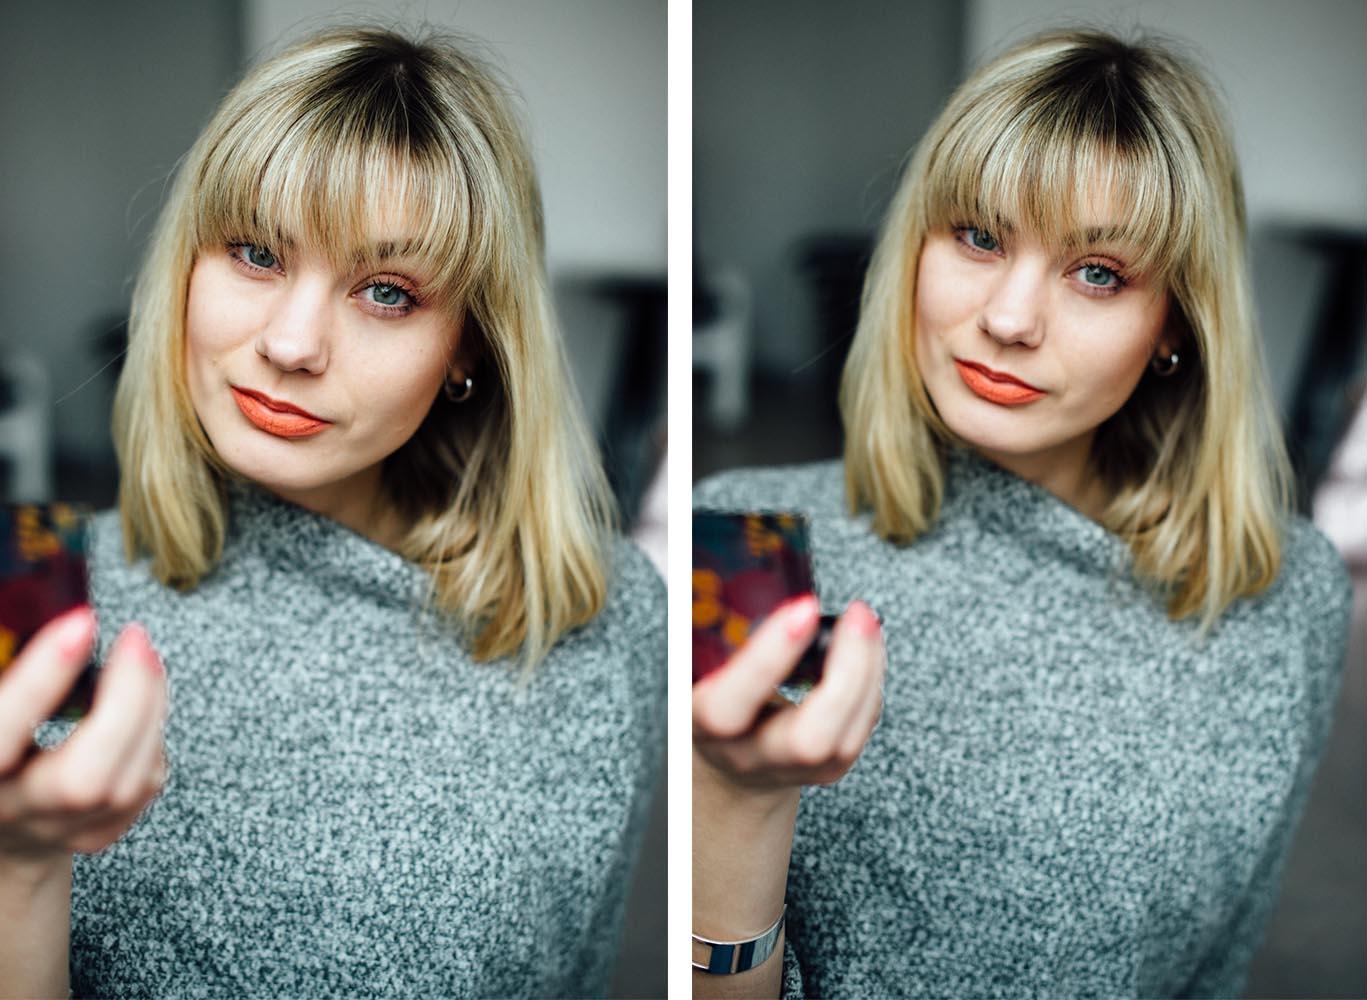 27-Kiamisu_Modeblog_Beautyblog_artdeco_Hypnotic Blossom_Review_Test-Collage__2